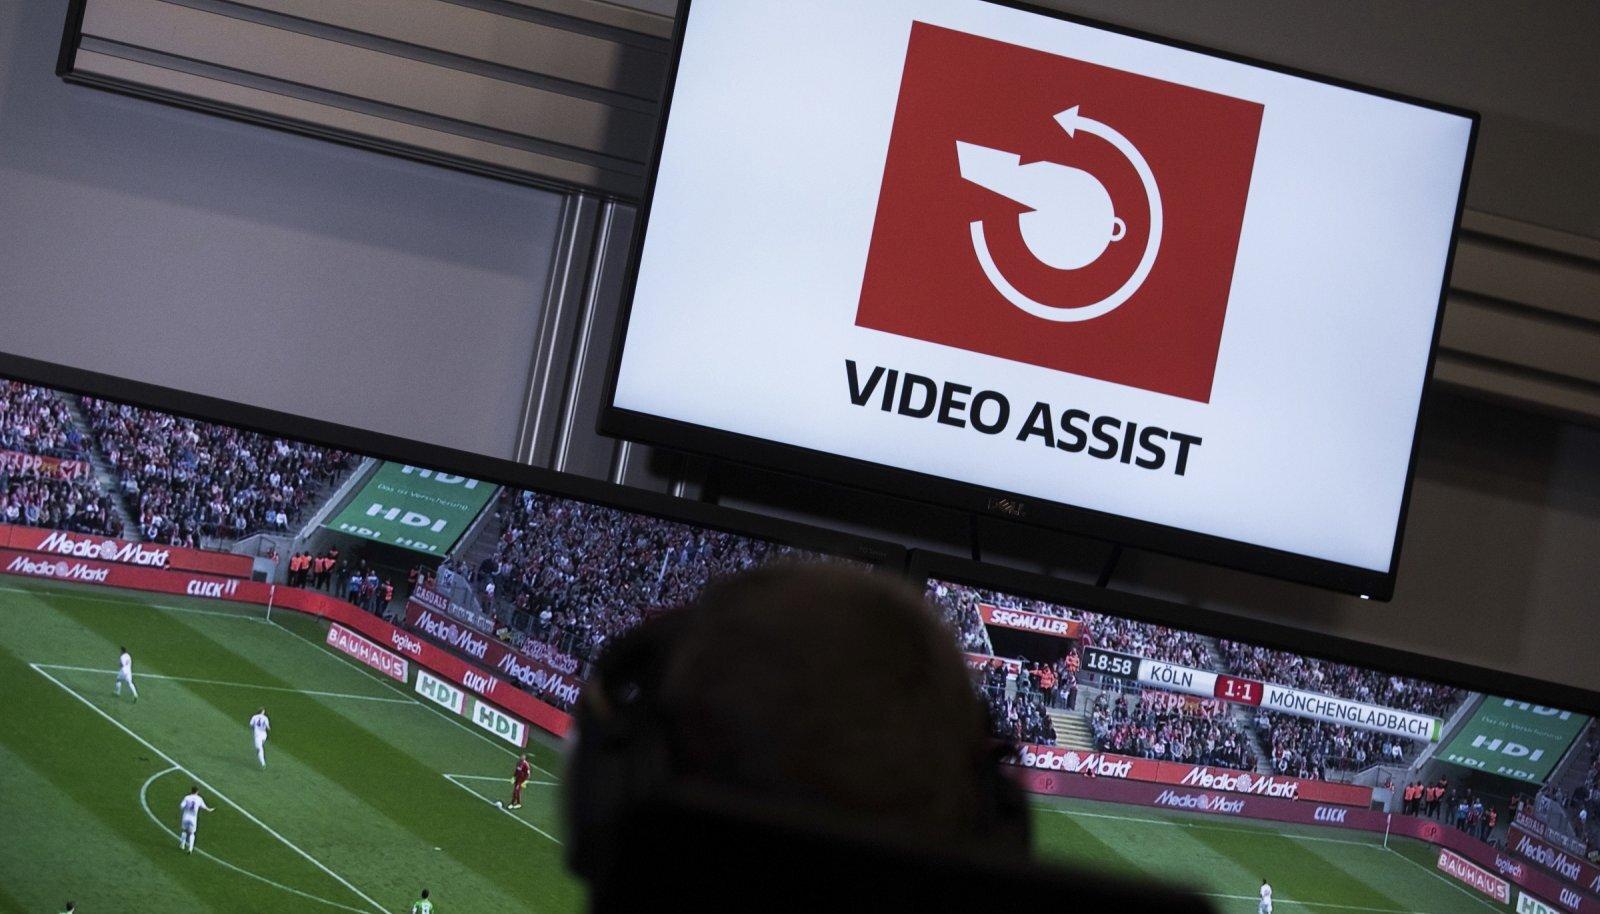 Selline kiri ilmub Bundesligas ekraanile, kui kohtunikud videot vaatavad.